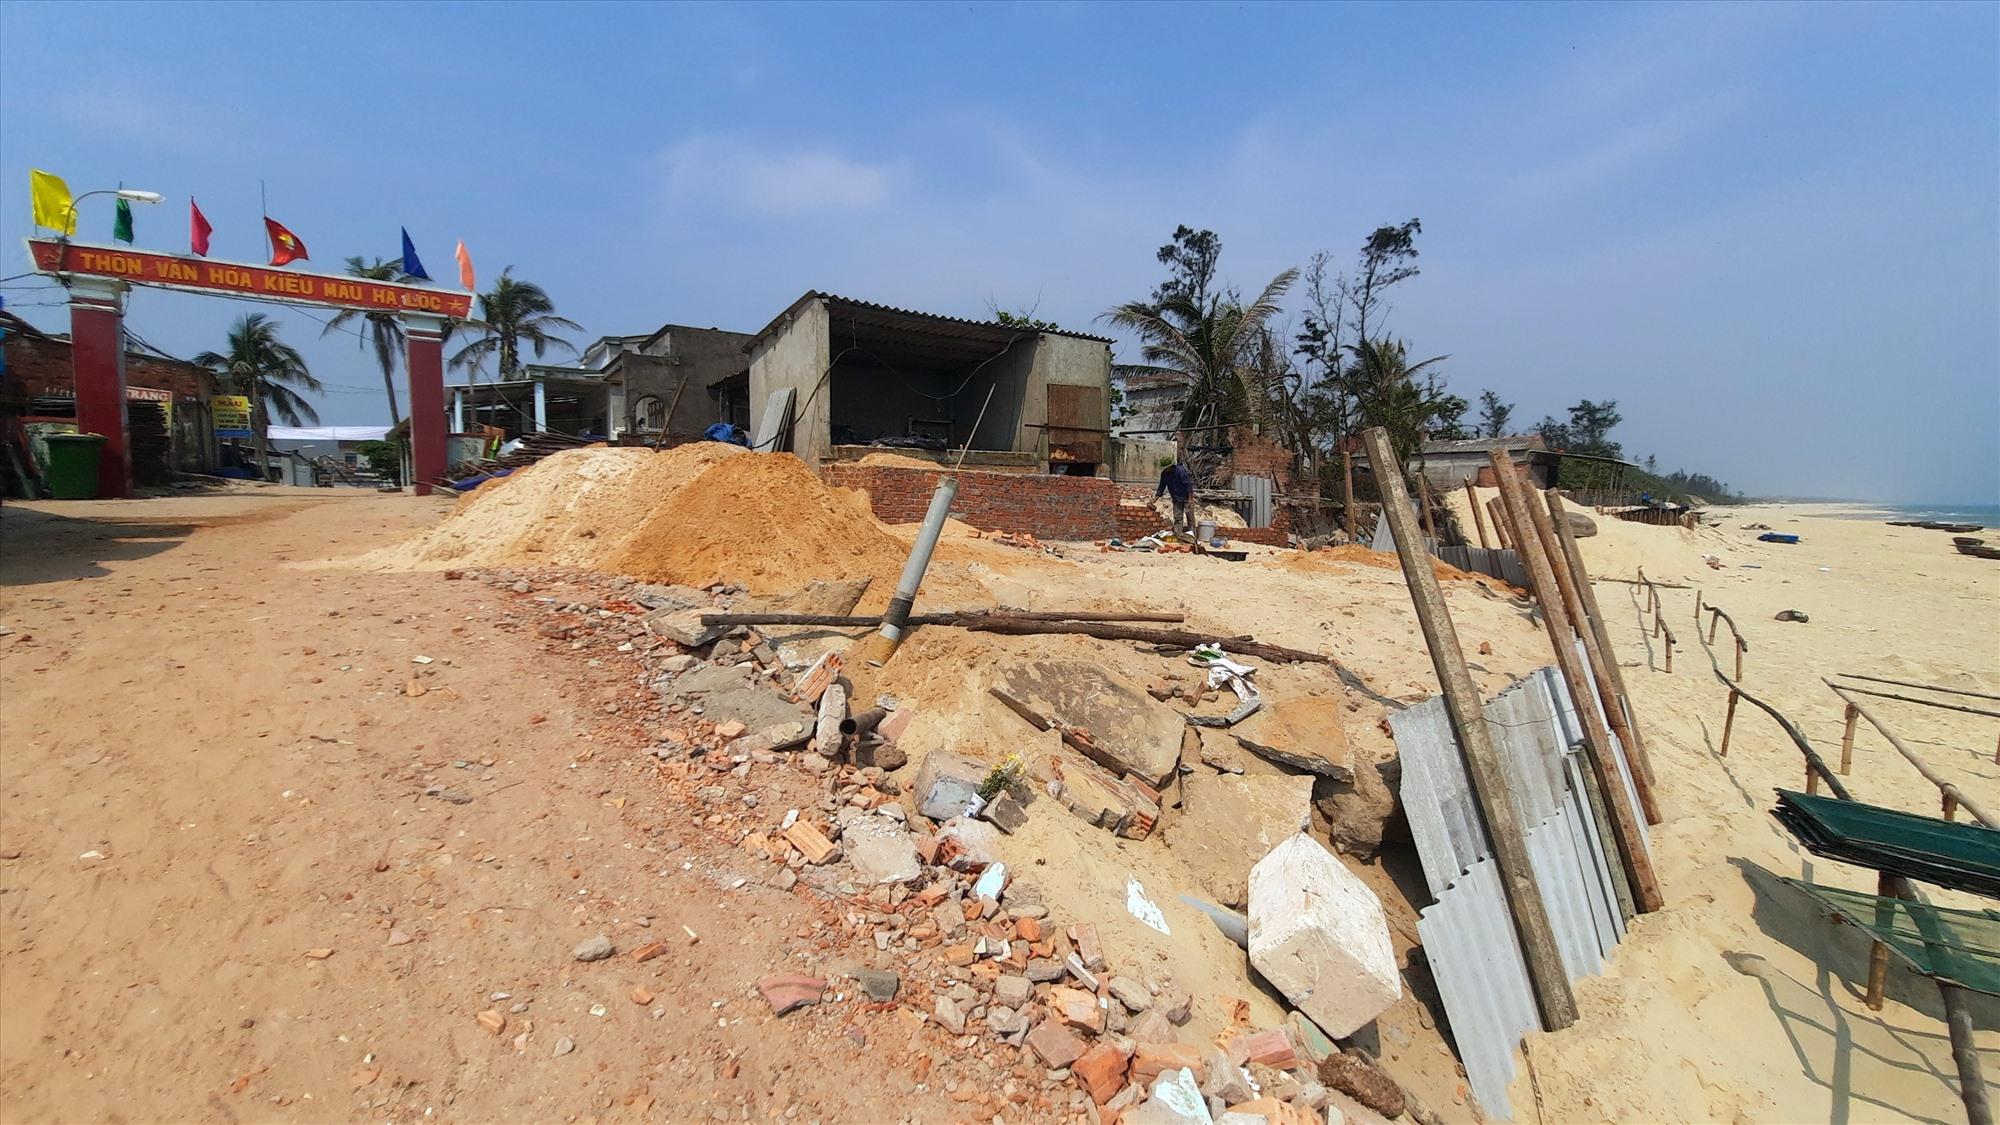 Theo Phó Chủ tịch UBND xã Tam Tiến Nguyễn Xuân Uy, sạt lở trước kia đã có xảy ra ở thôn Hà Lộc nhưng mức độ nghiêm trọng là sau các cơn bão của năm 2020.